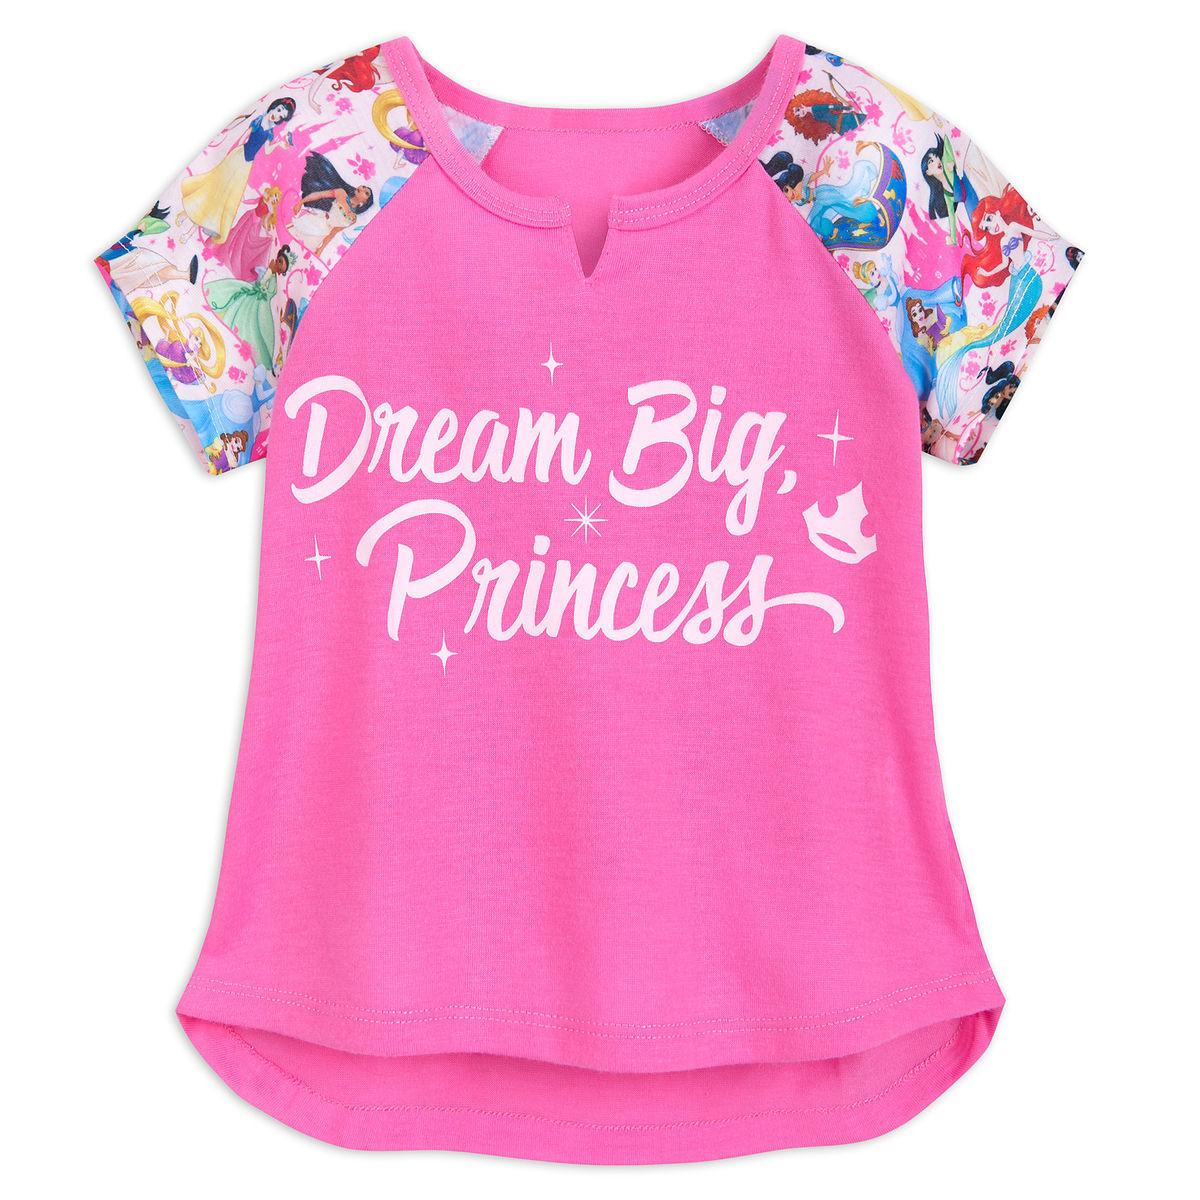 e02978140 Disney Pajama Set for Girls - Princess - Dream Big Princess